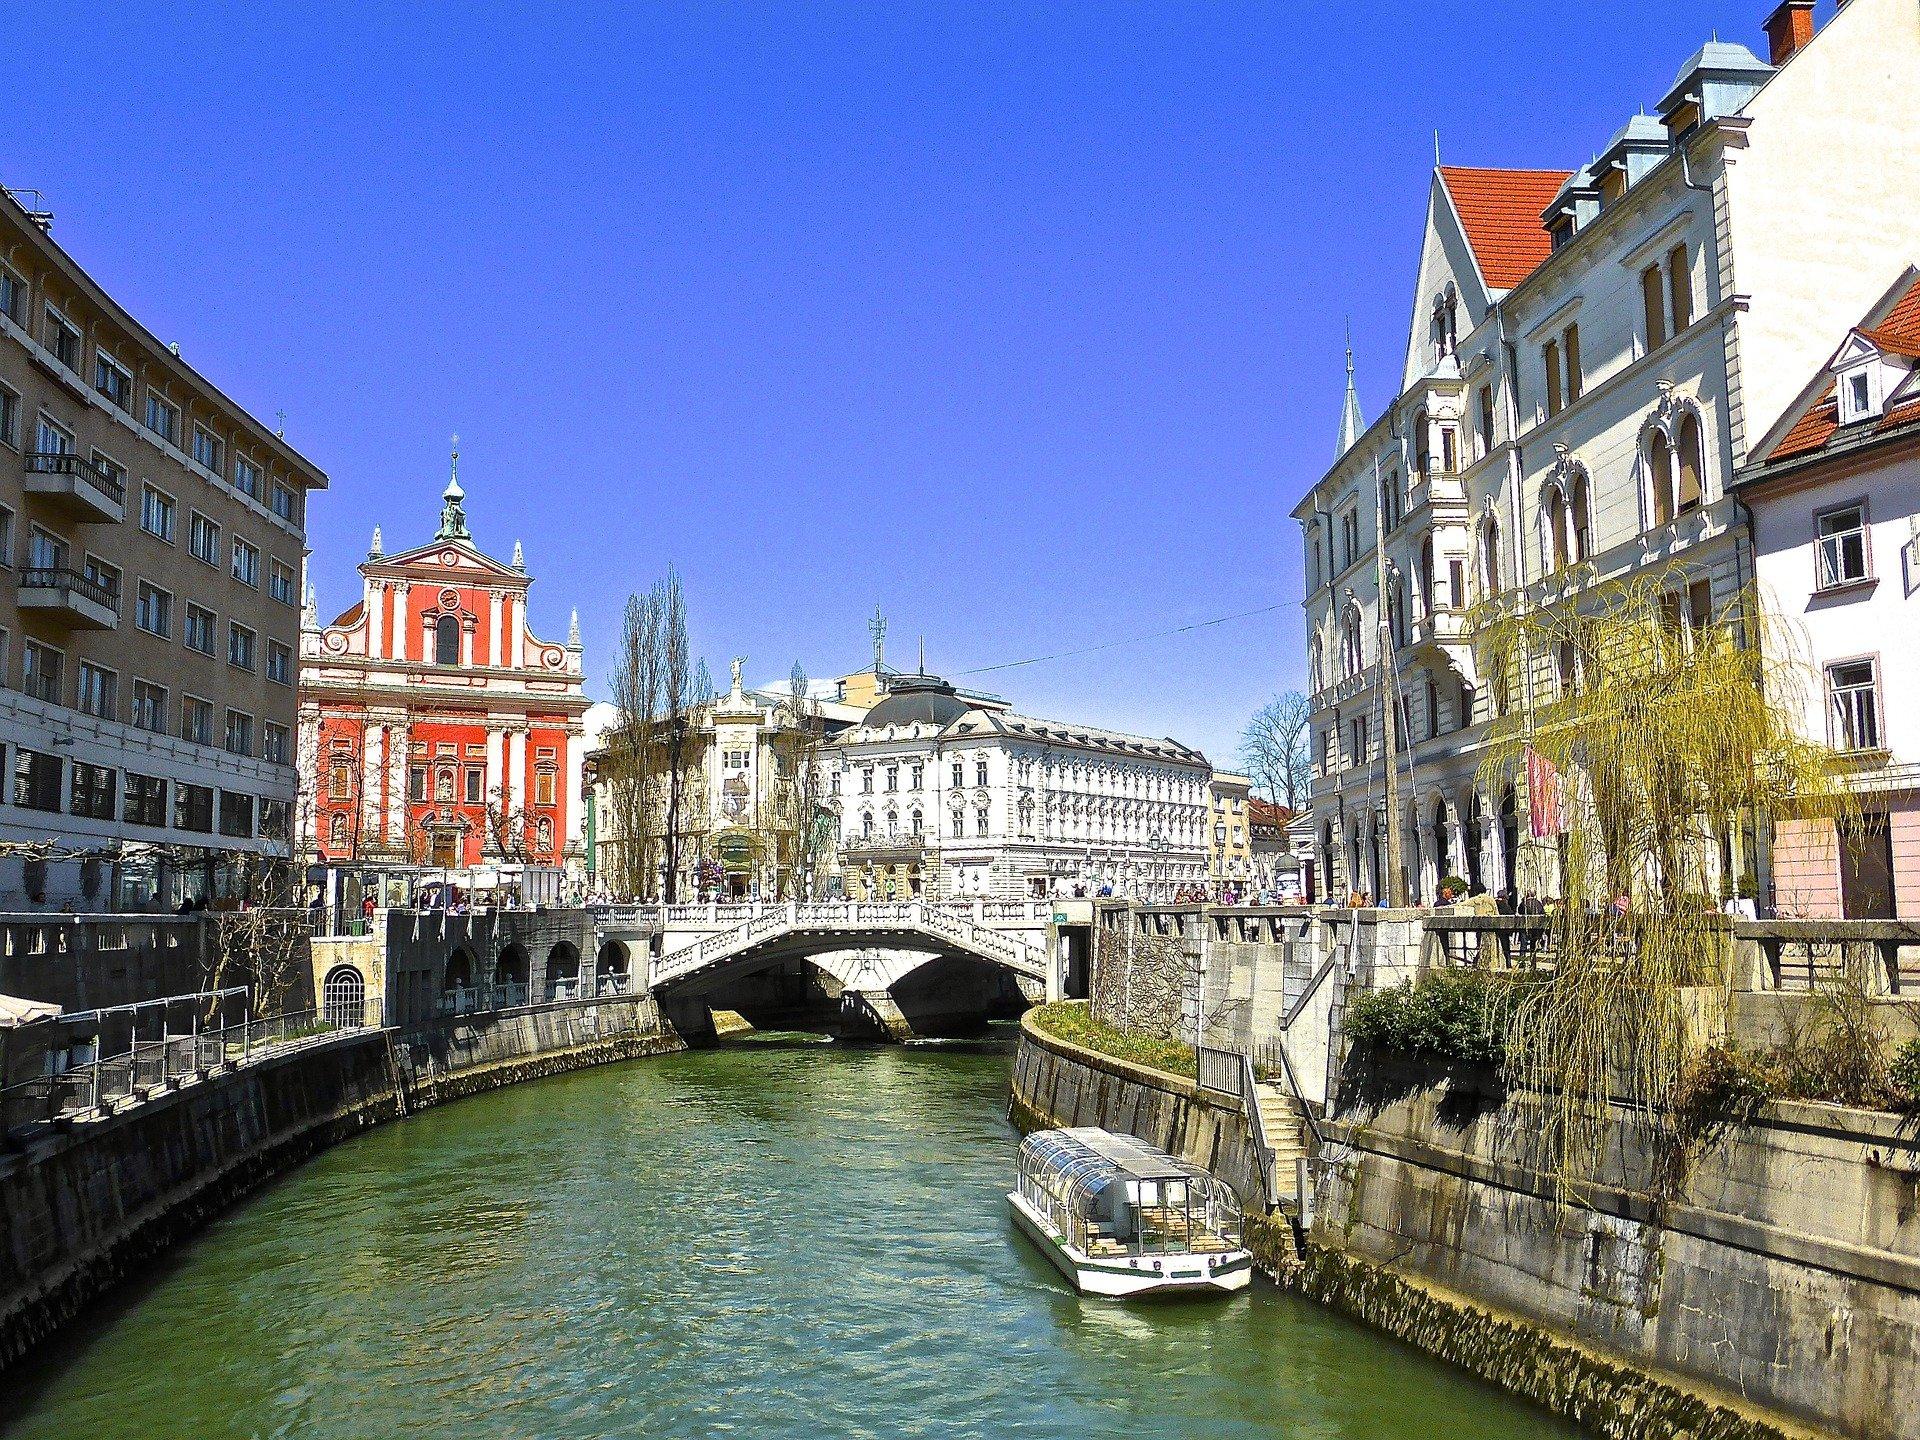 Slowenien Urlaub - Ljubljana, Häuser und Fluss